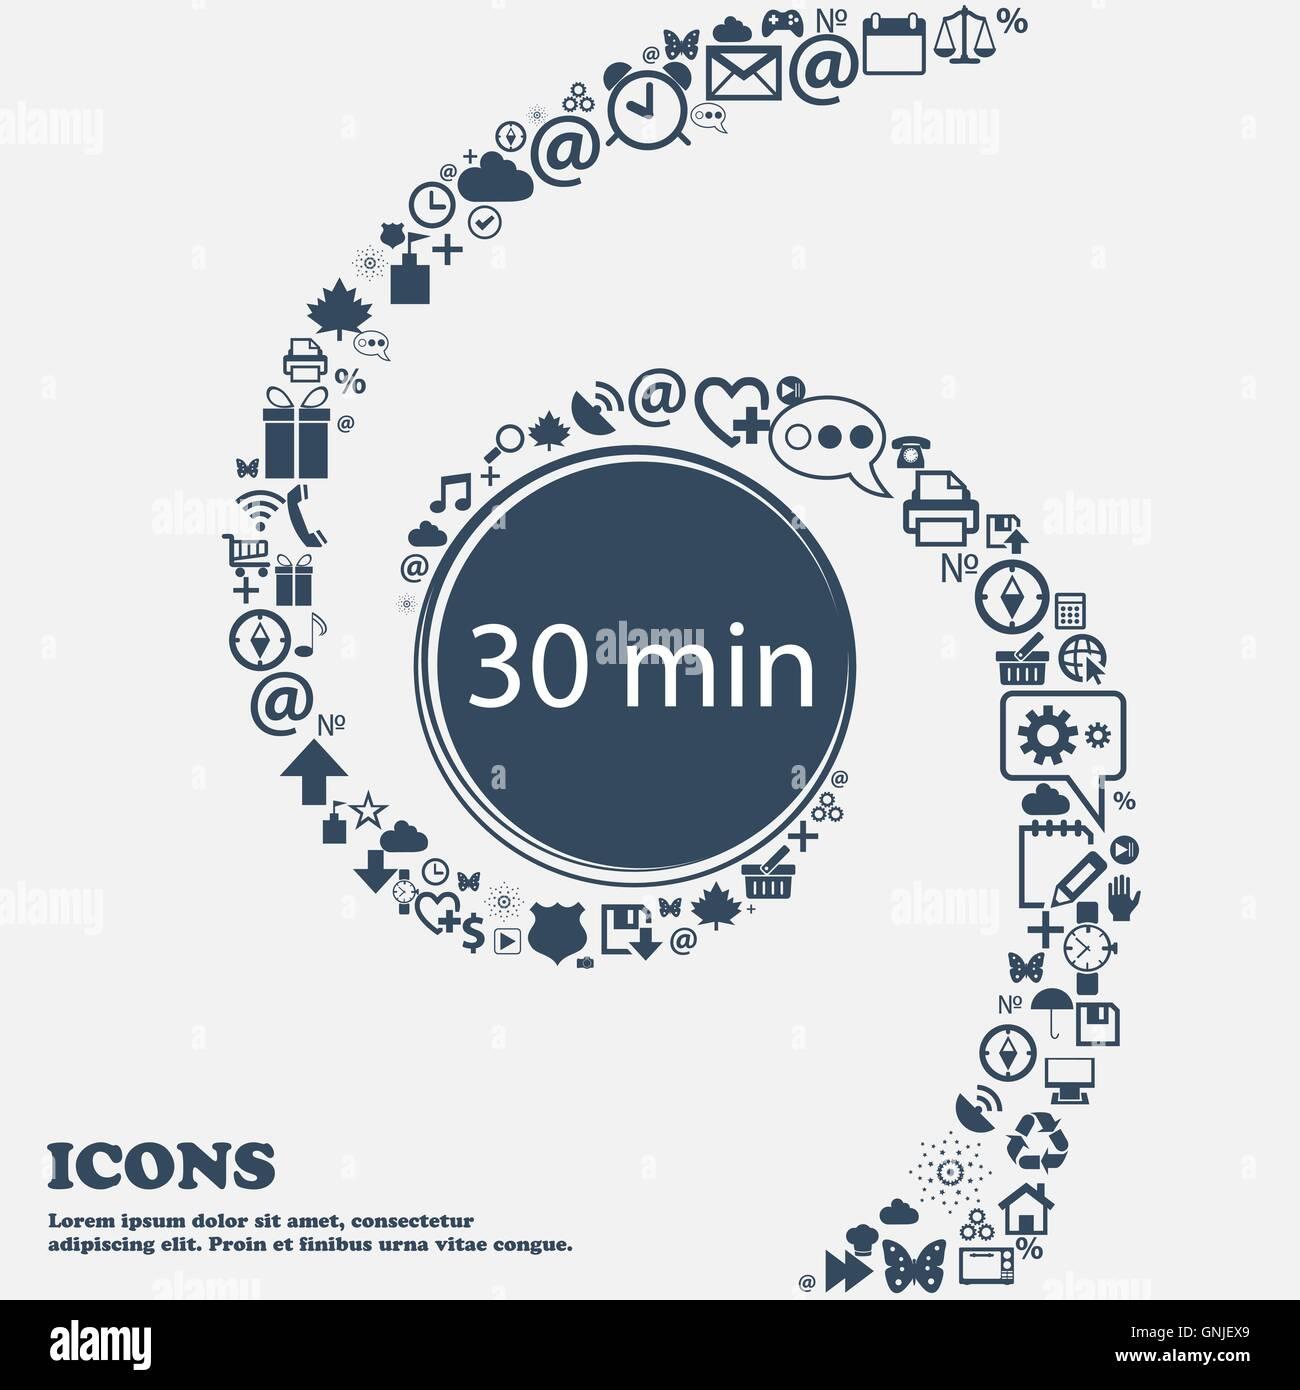 Treinta minutos icono de signo en el centro. Alrededor de los muchos hermosos símbolos tuercen en espiral. Imagen De Stock